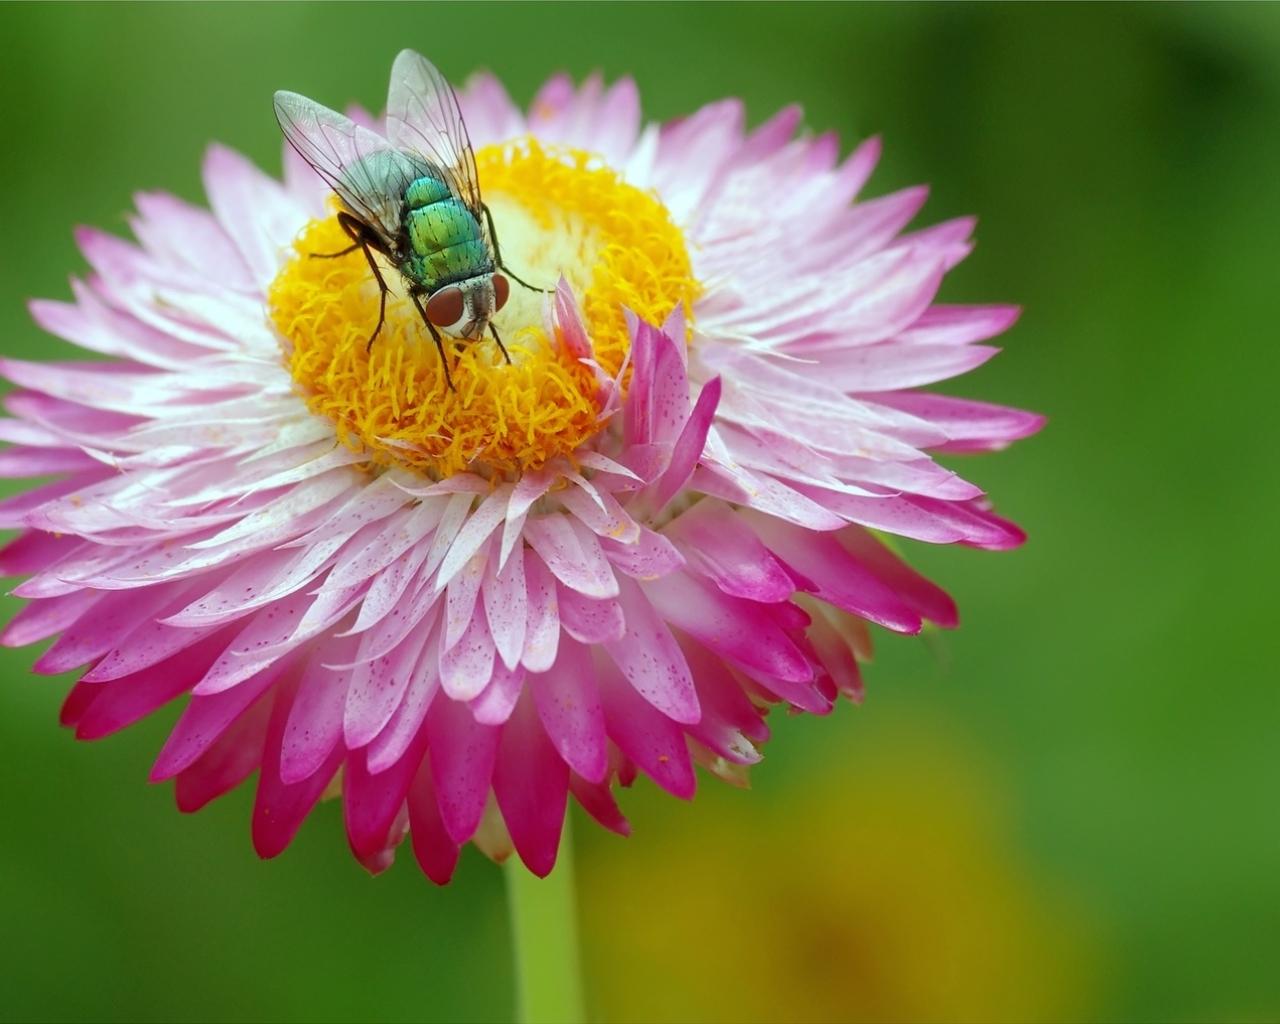 Una mosca y una flor - 1280x1024